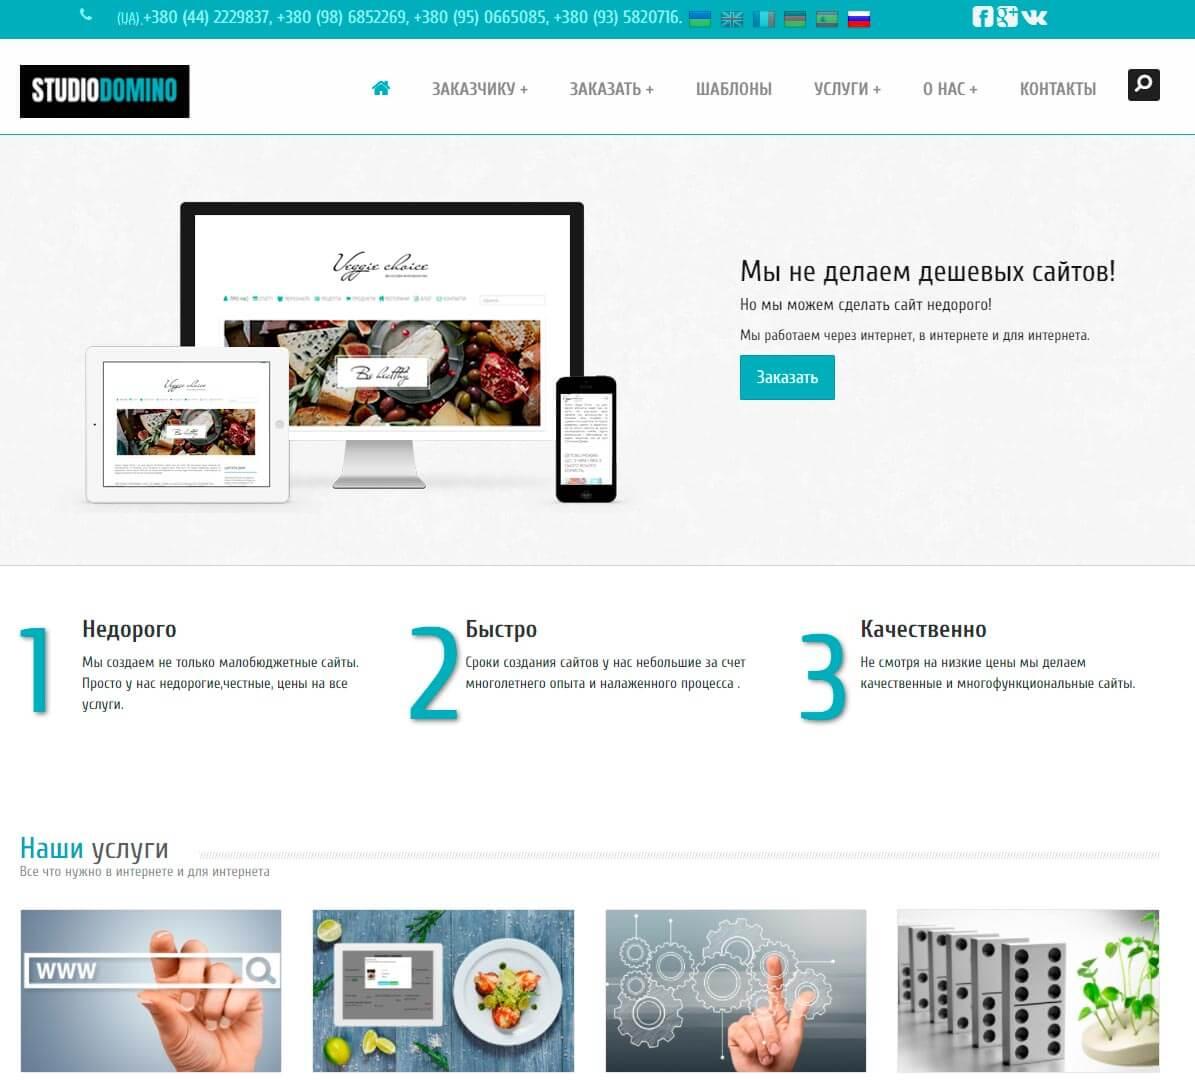 Студия Домино - обзор компании, услуги, отзывы, клиенты, Фото № 1 - google-seo.pro